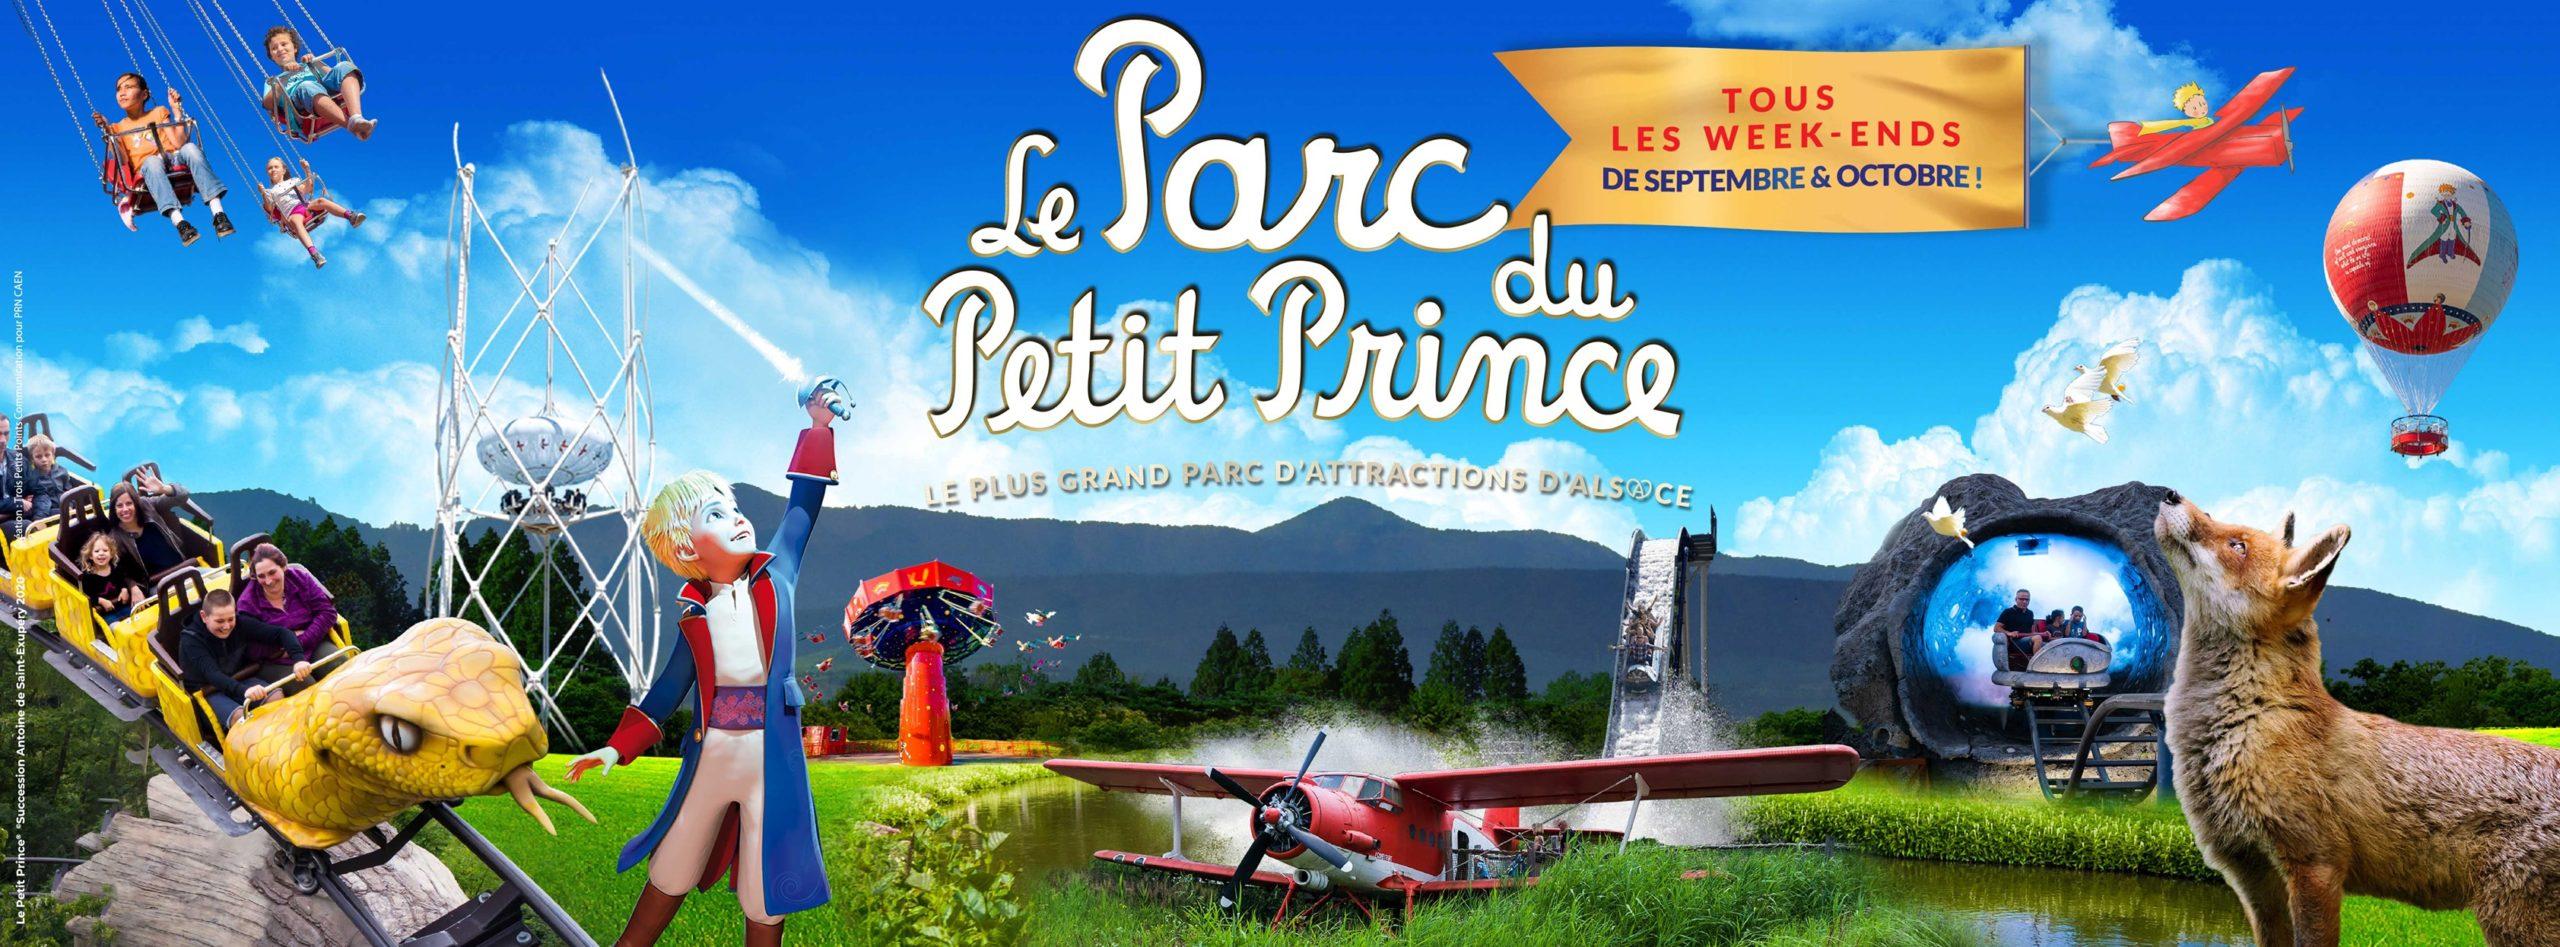 Les coulisses du Parc du Petit Prince en vidéo !